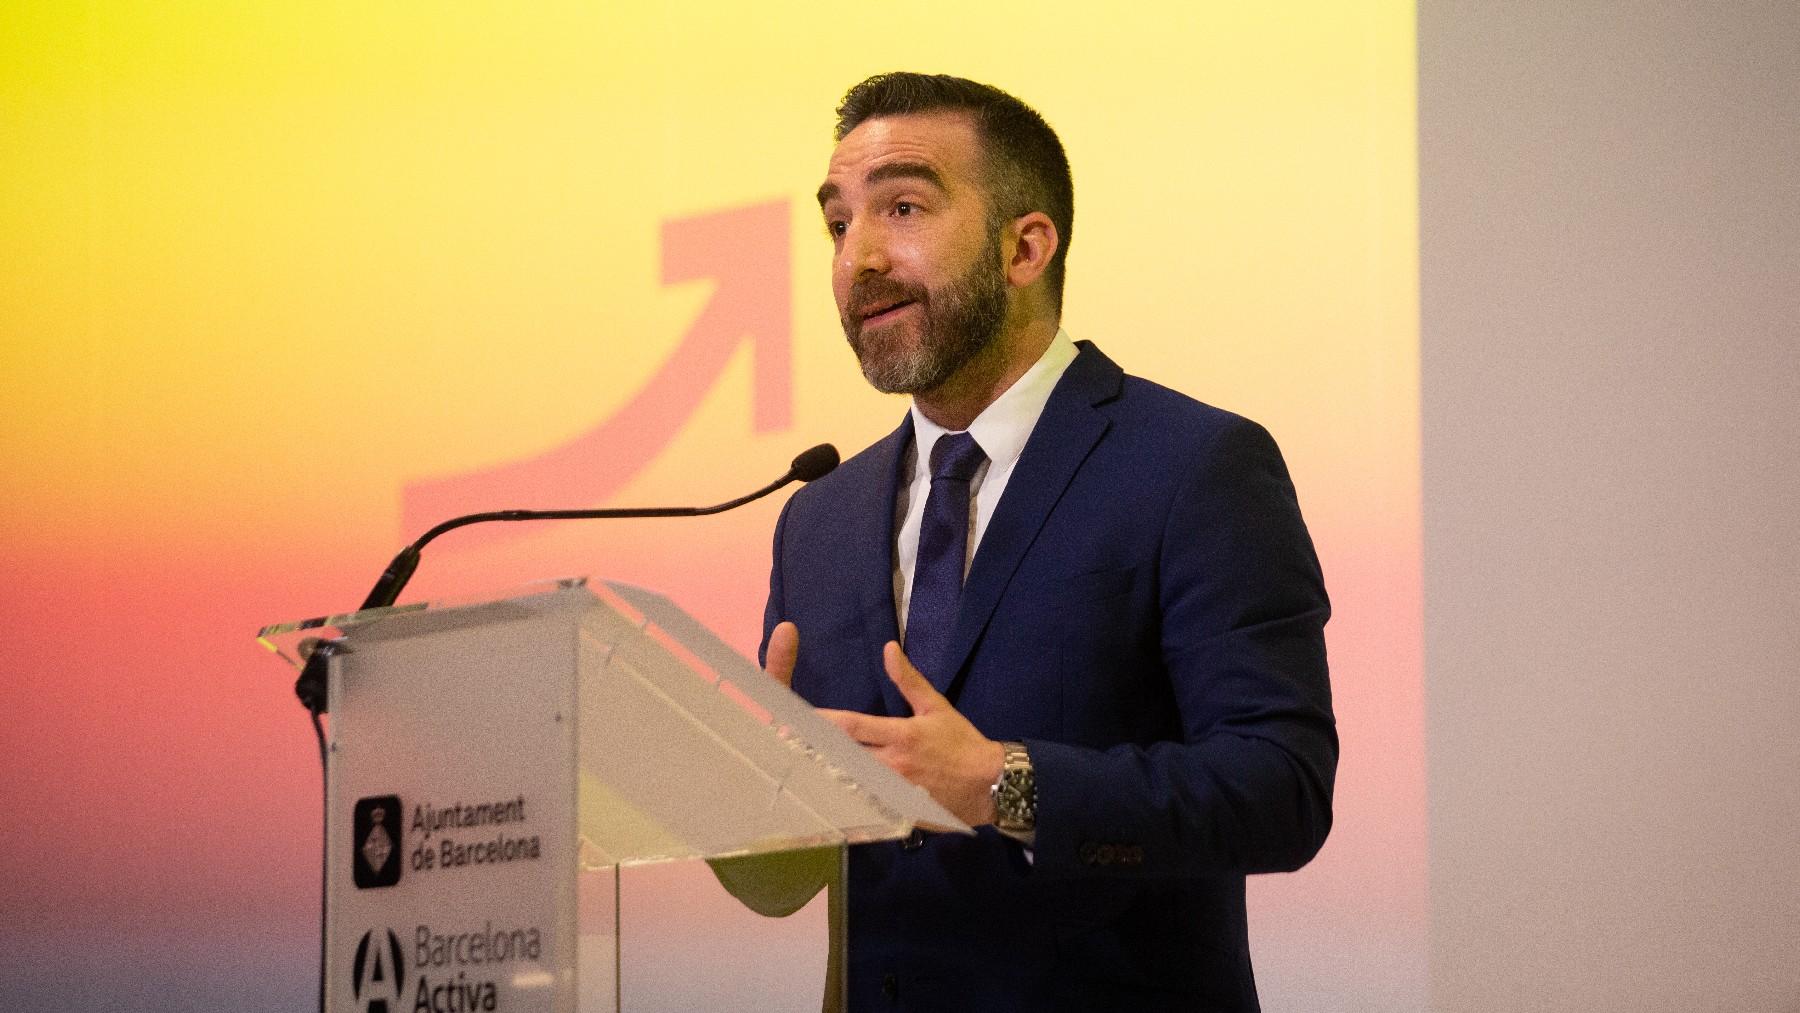 Francisco Polo, Alto Comisionado para la España Nación Emprendedora